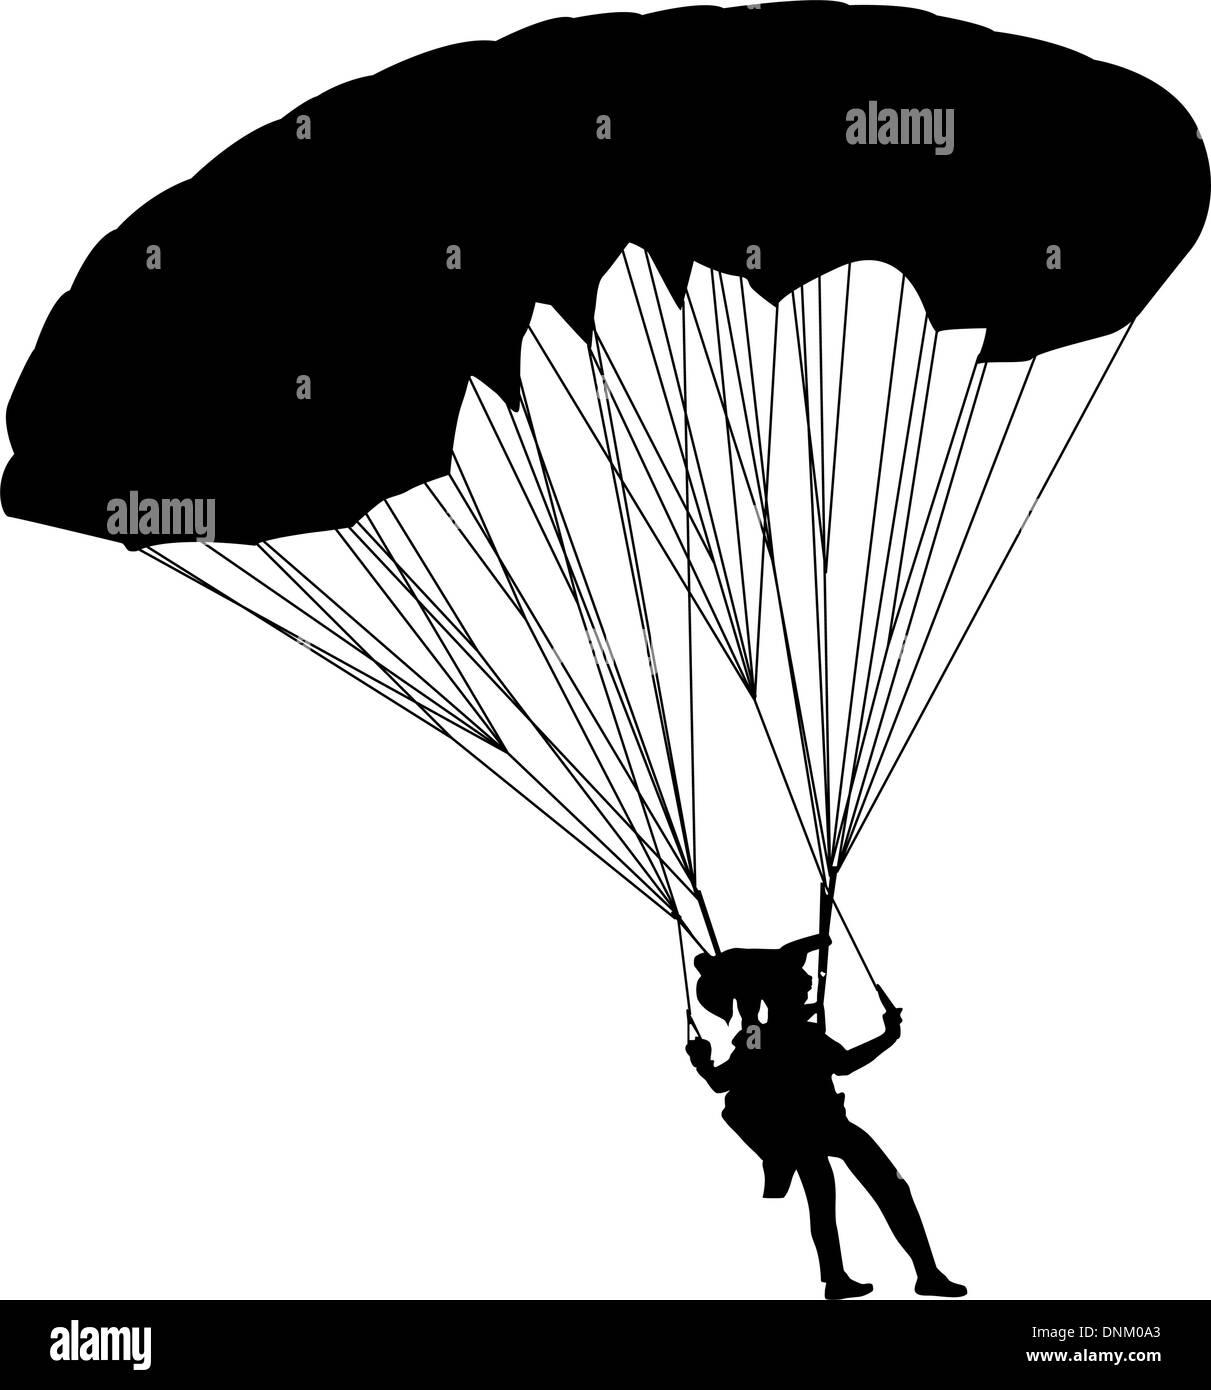 Jumper, siluetas en blanco y negro ilustración vectorial Imagen De Stock